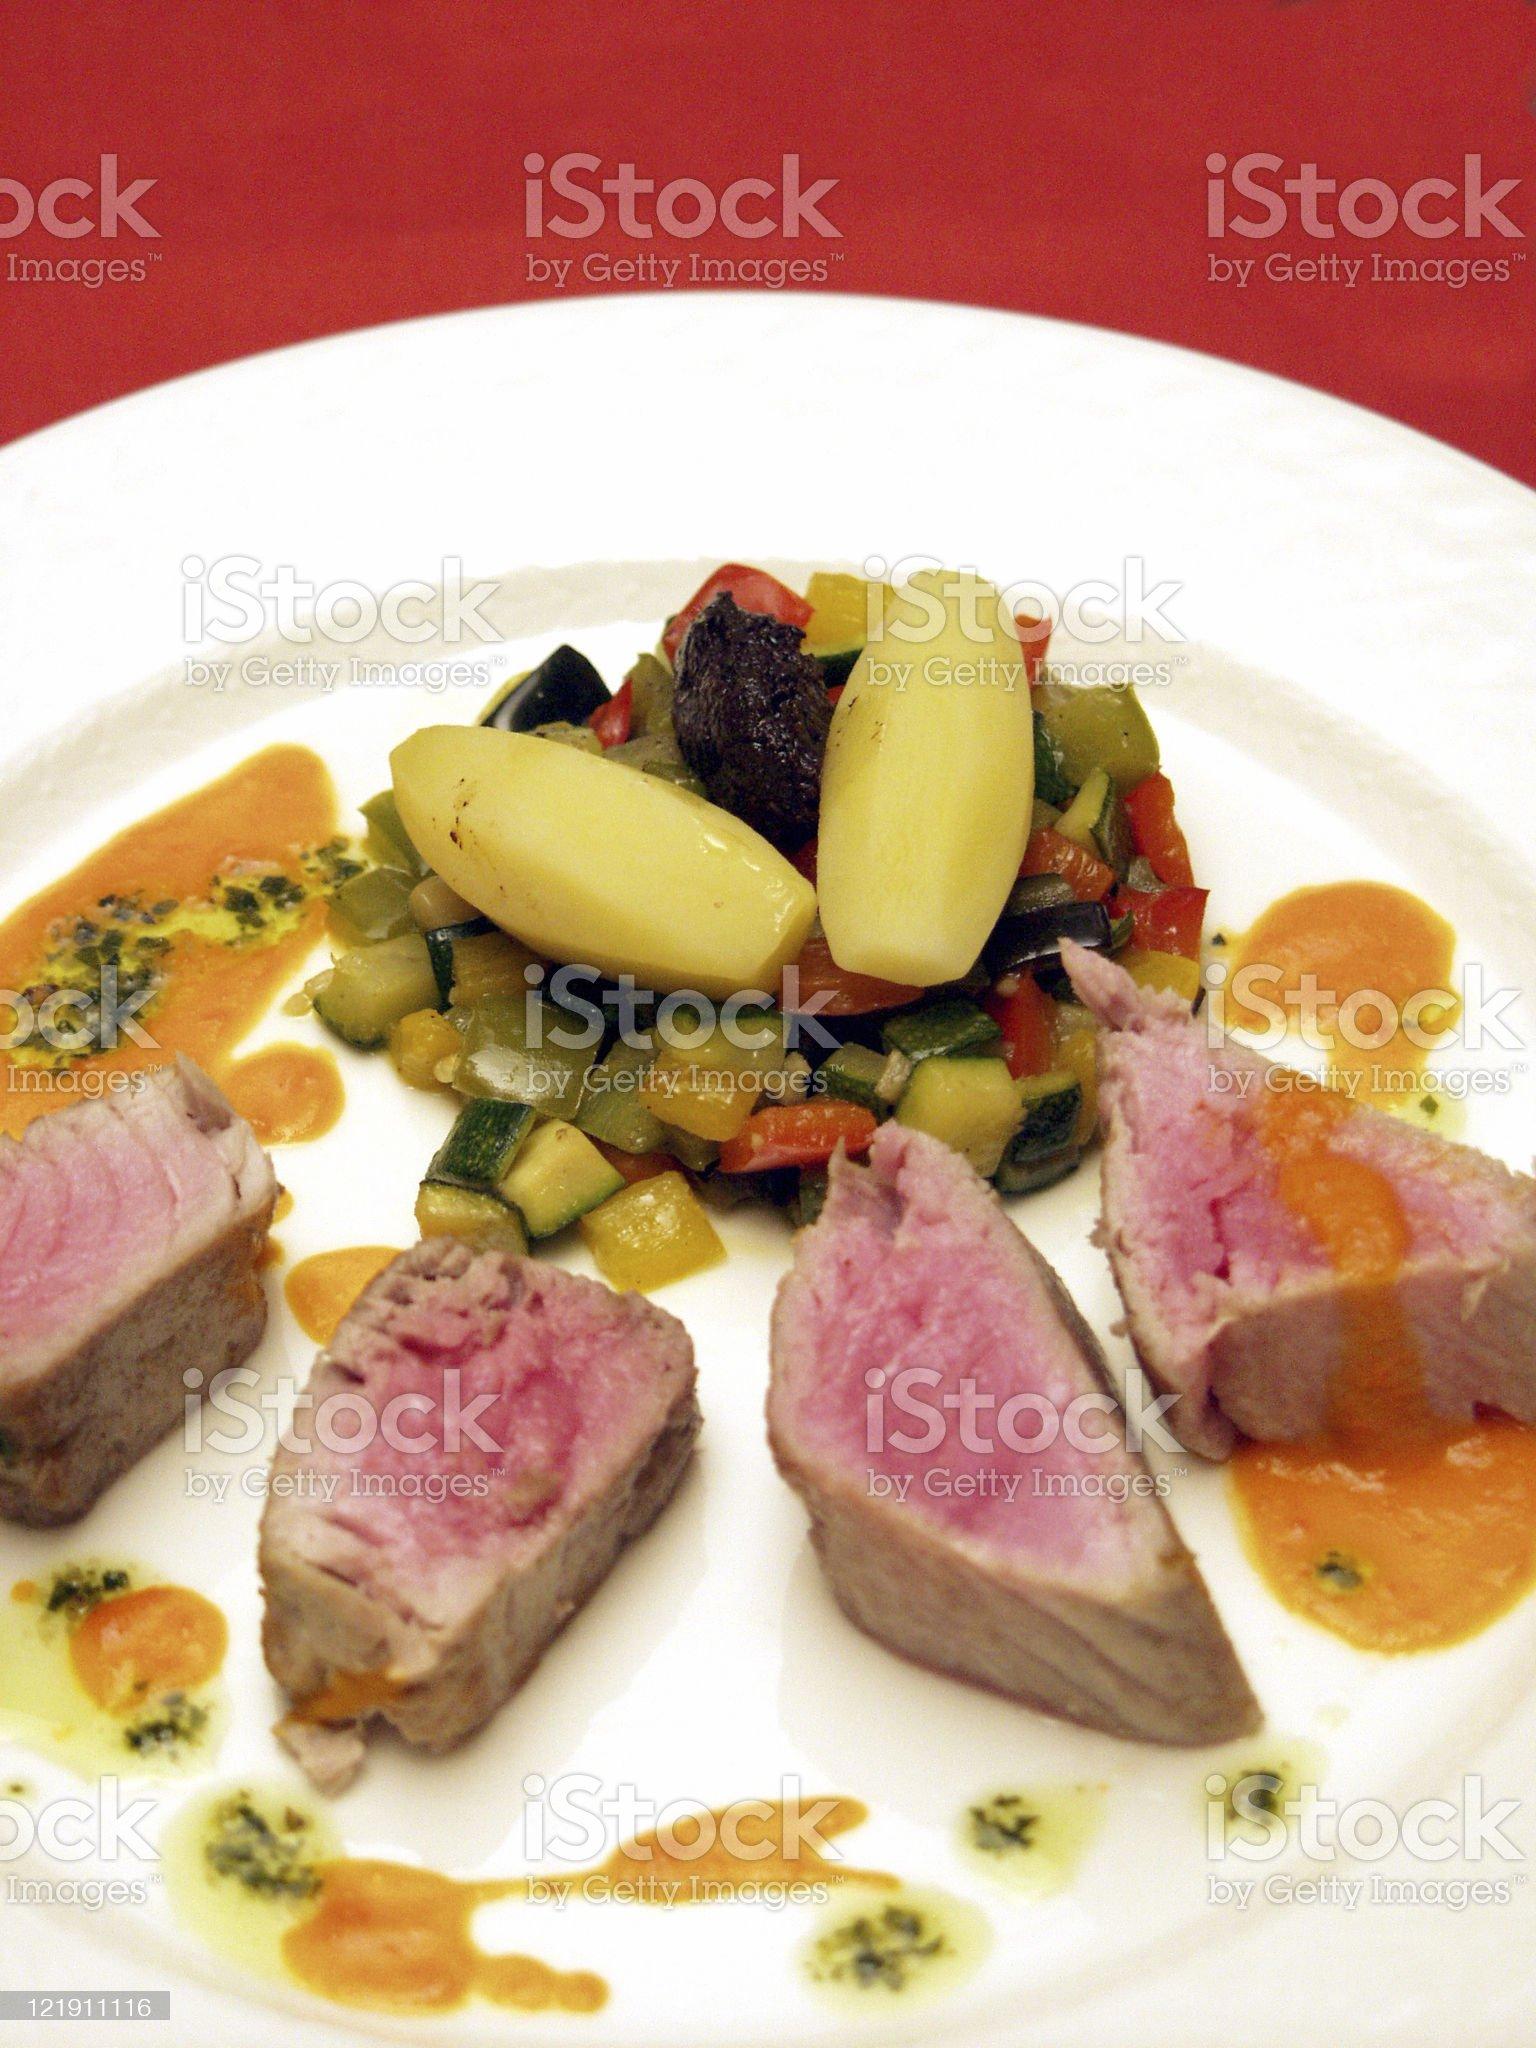 Tuna / At?n royalty-free stock photo